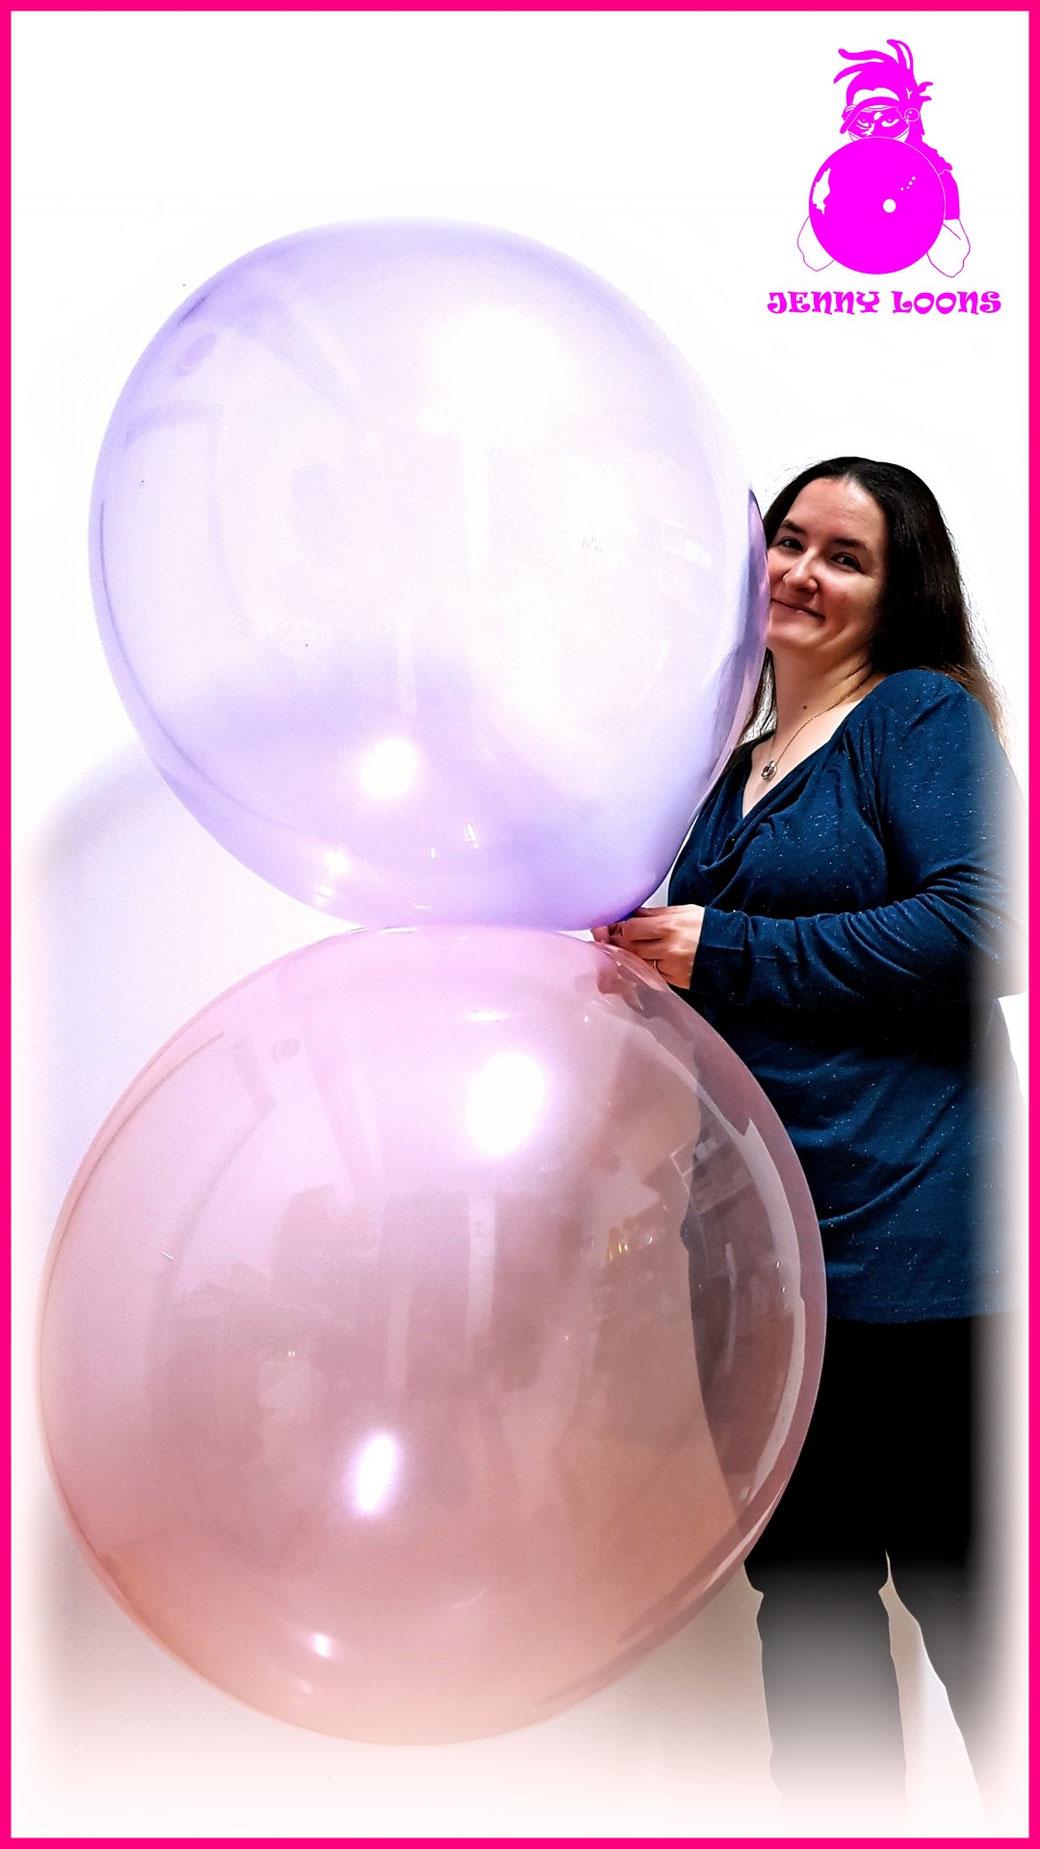 UNIQUE MEXICO 24inch Luftballon Balloon Riesenballon Giant balloon Macaroon colors bubble soap colours